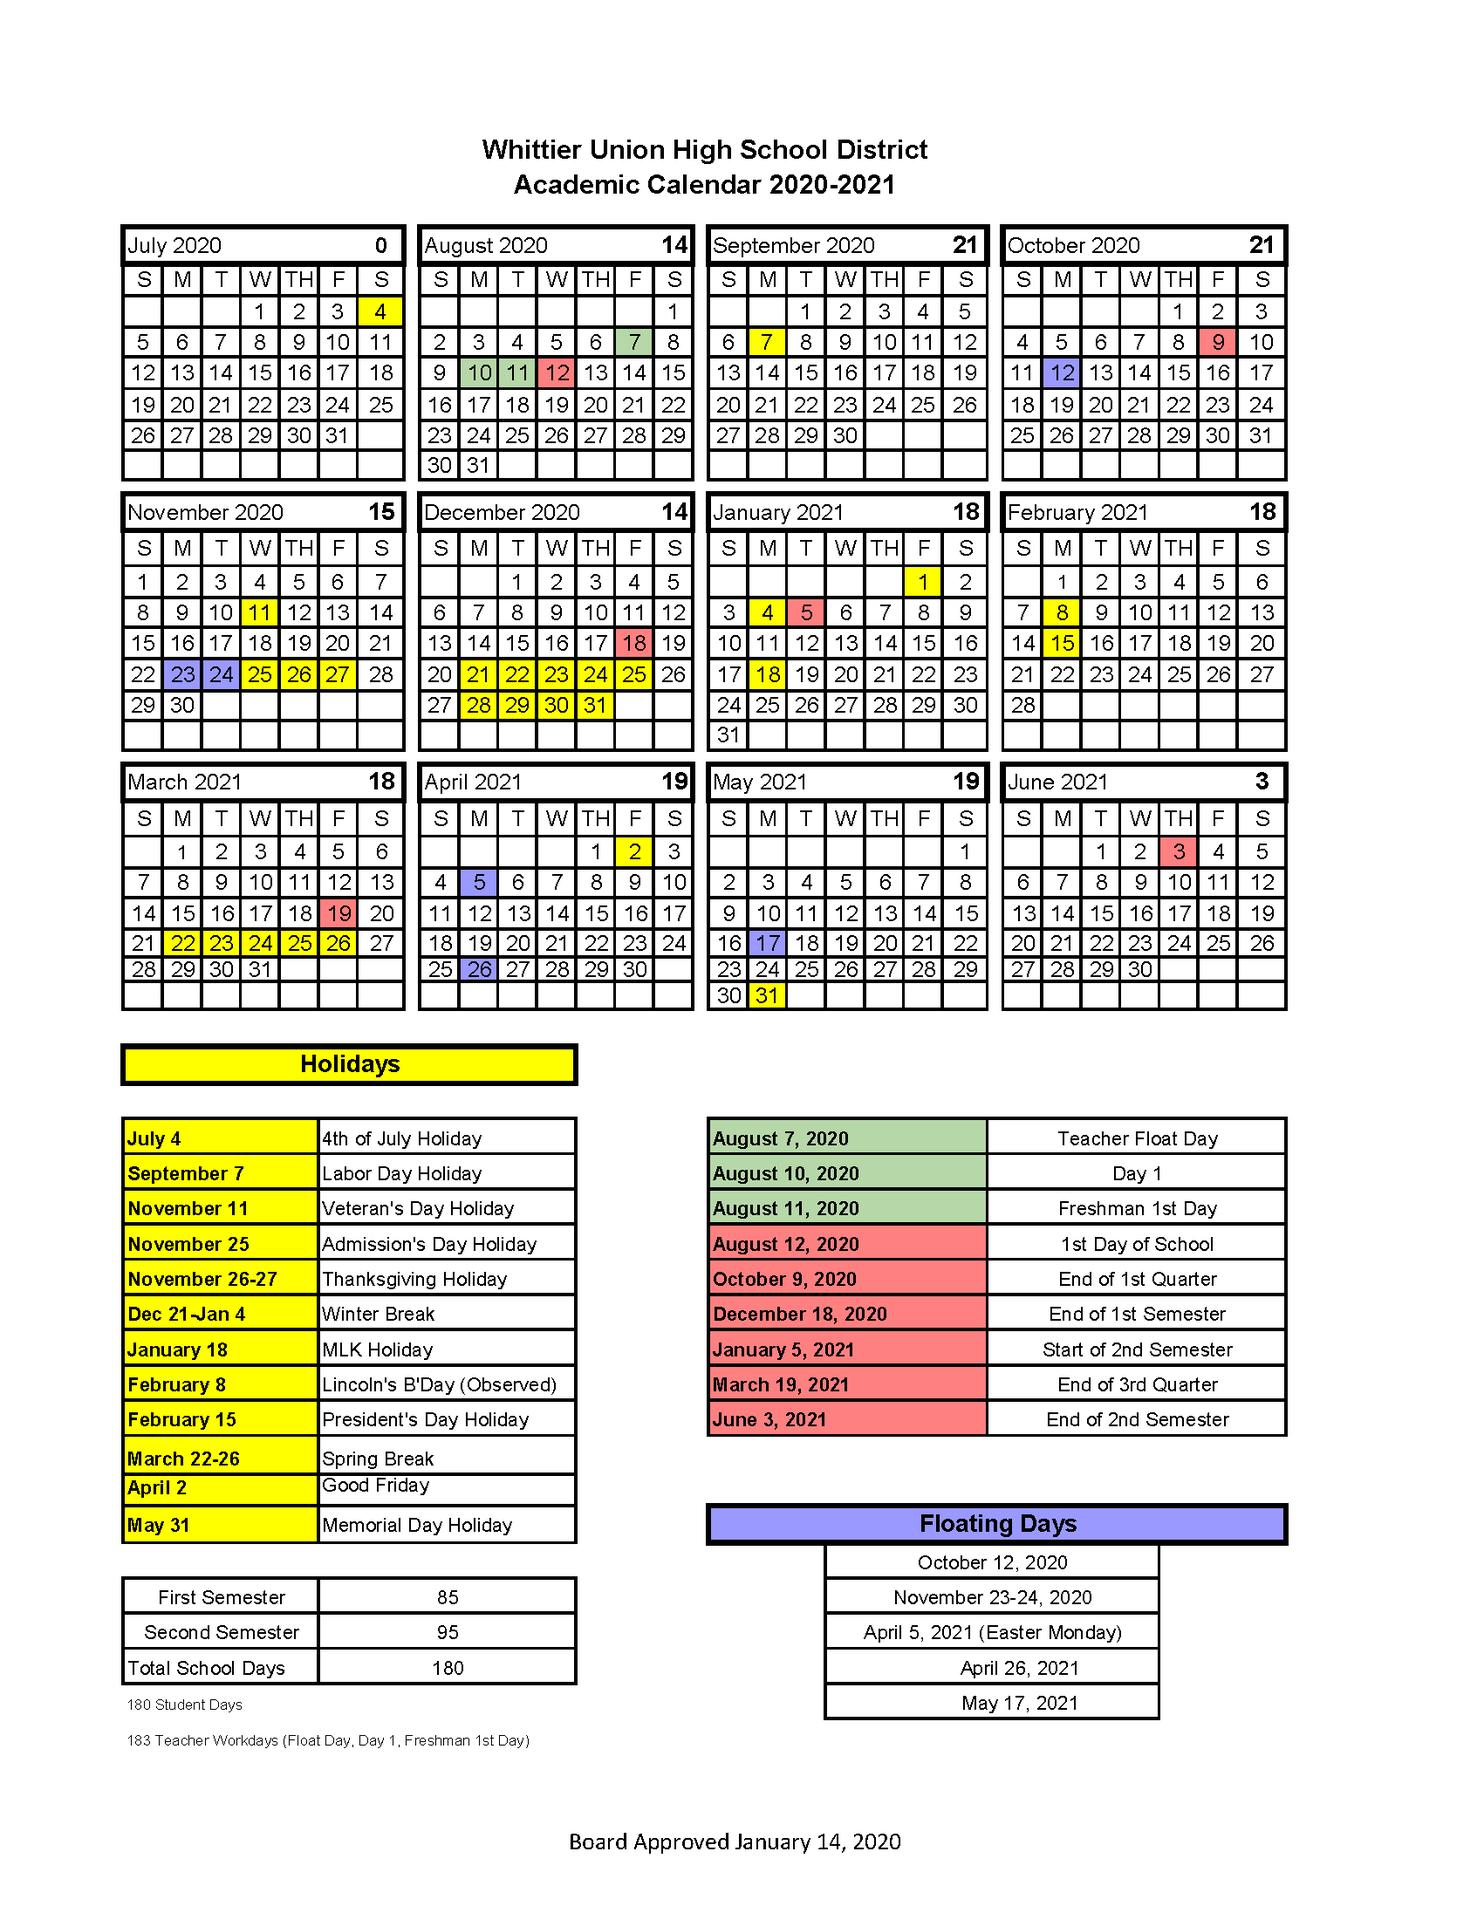 Wuhsd Academic Calendars – District Information – Whittier in La Serna School Year Calendar